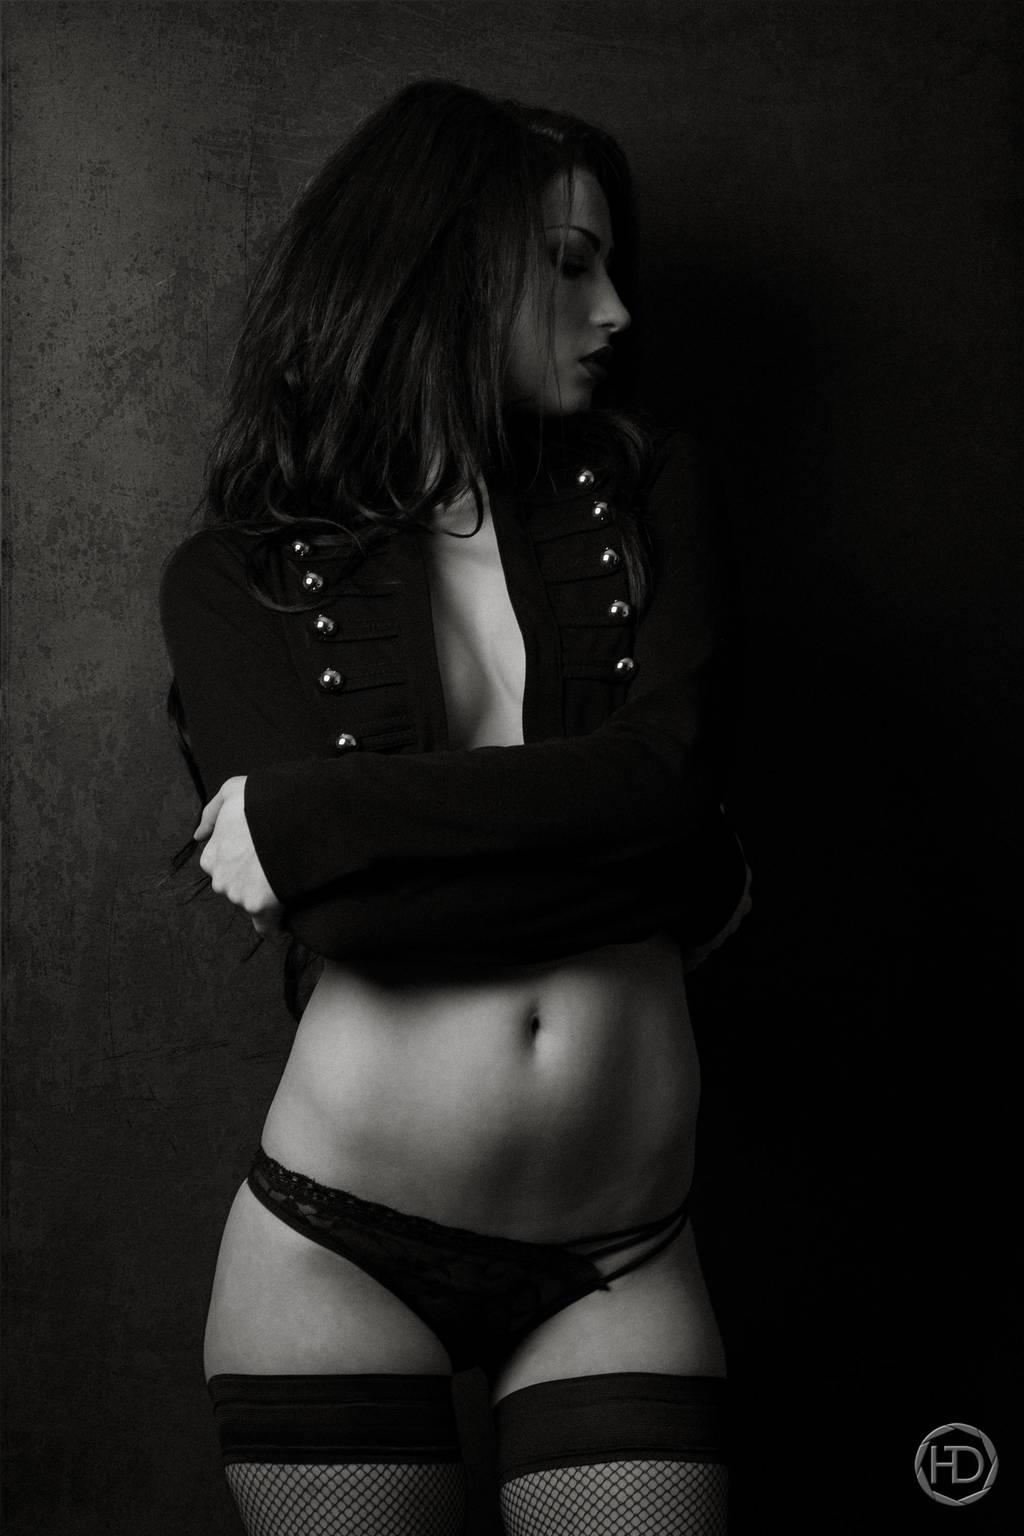 BLACK UNIFORM by HDphotographie